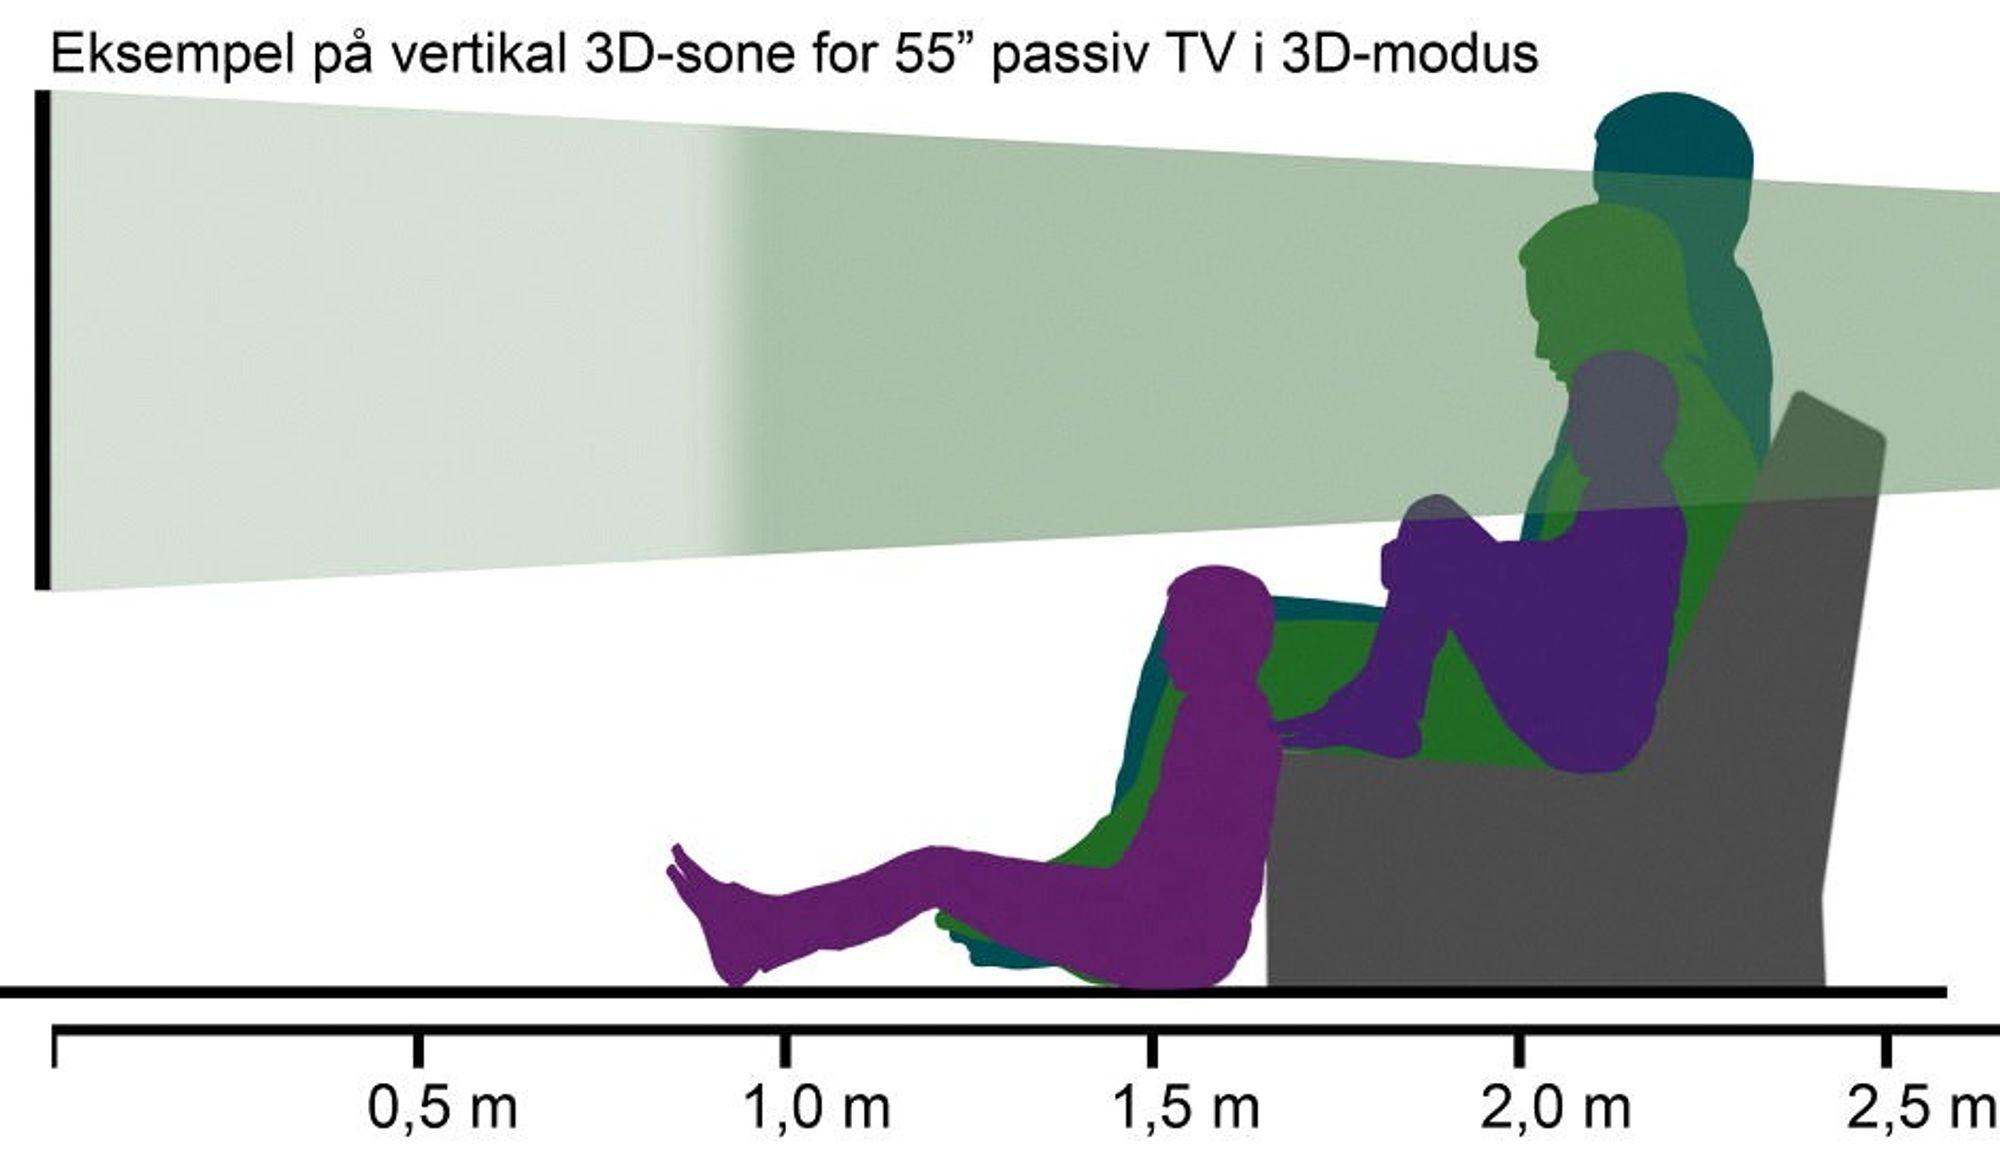 Sitter alle i 3D-sonen? Vertikal 3D-sone for passive TV-er varierer fra modell til modell.  Avstand i eksempelet er 2,1 m = 1,5 x skjermdiagonalen. Legg merke til at med denne modellen blir 3D-sonen smalere ved lenger avstand. (Kommer du for tett på, vil du ikke kunne se hele bildet, men dette er vanligvis ikke noe problem). I 2D er vertikal innsynsvinkel vanligvis over 100 grader, som er mer enn nok.